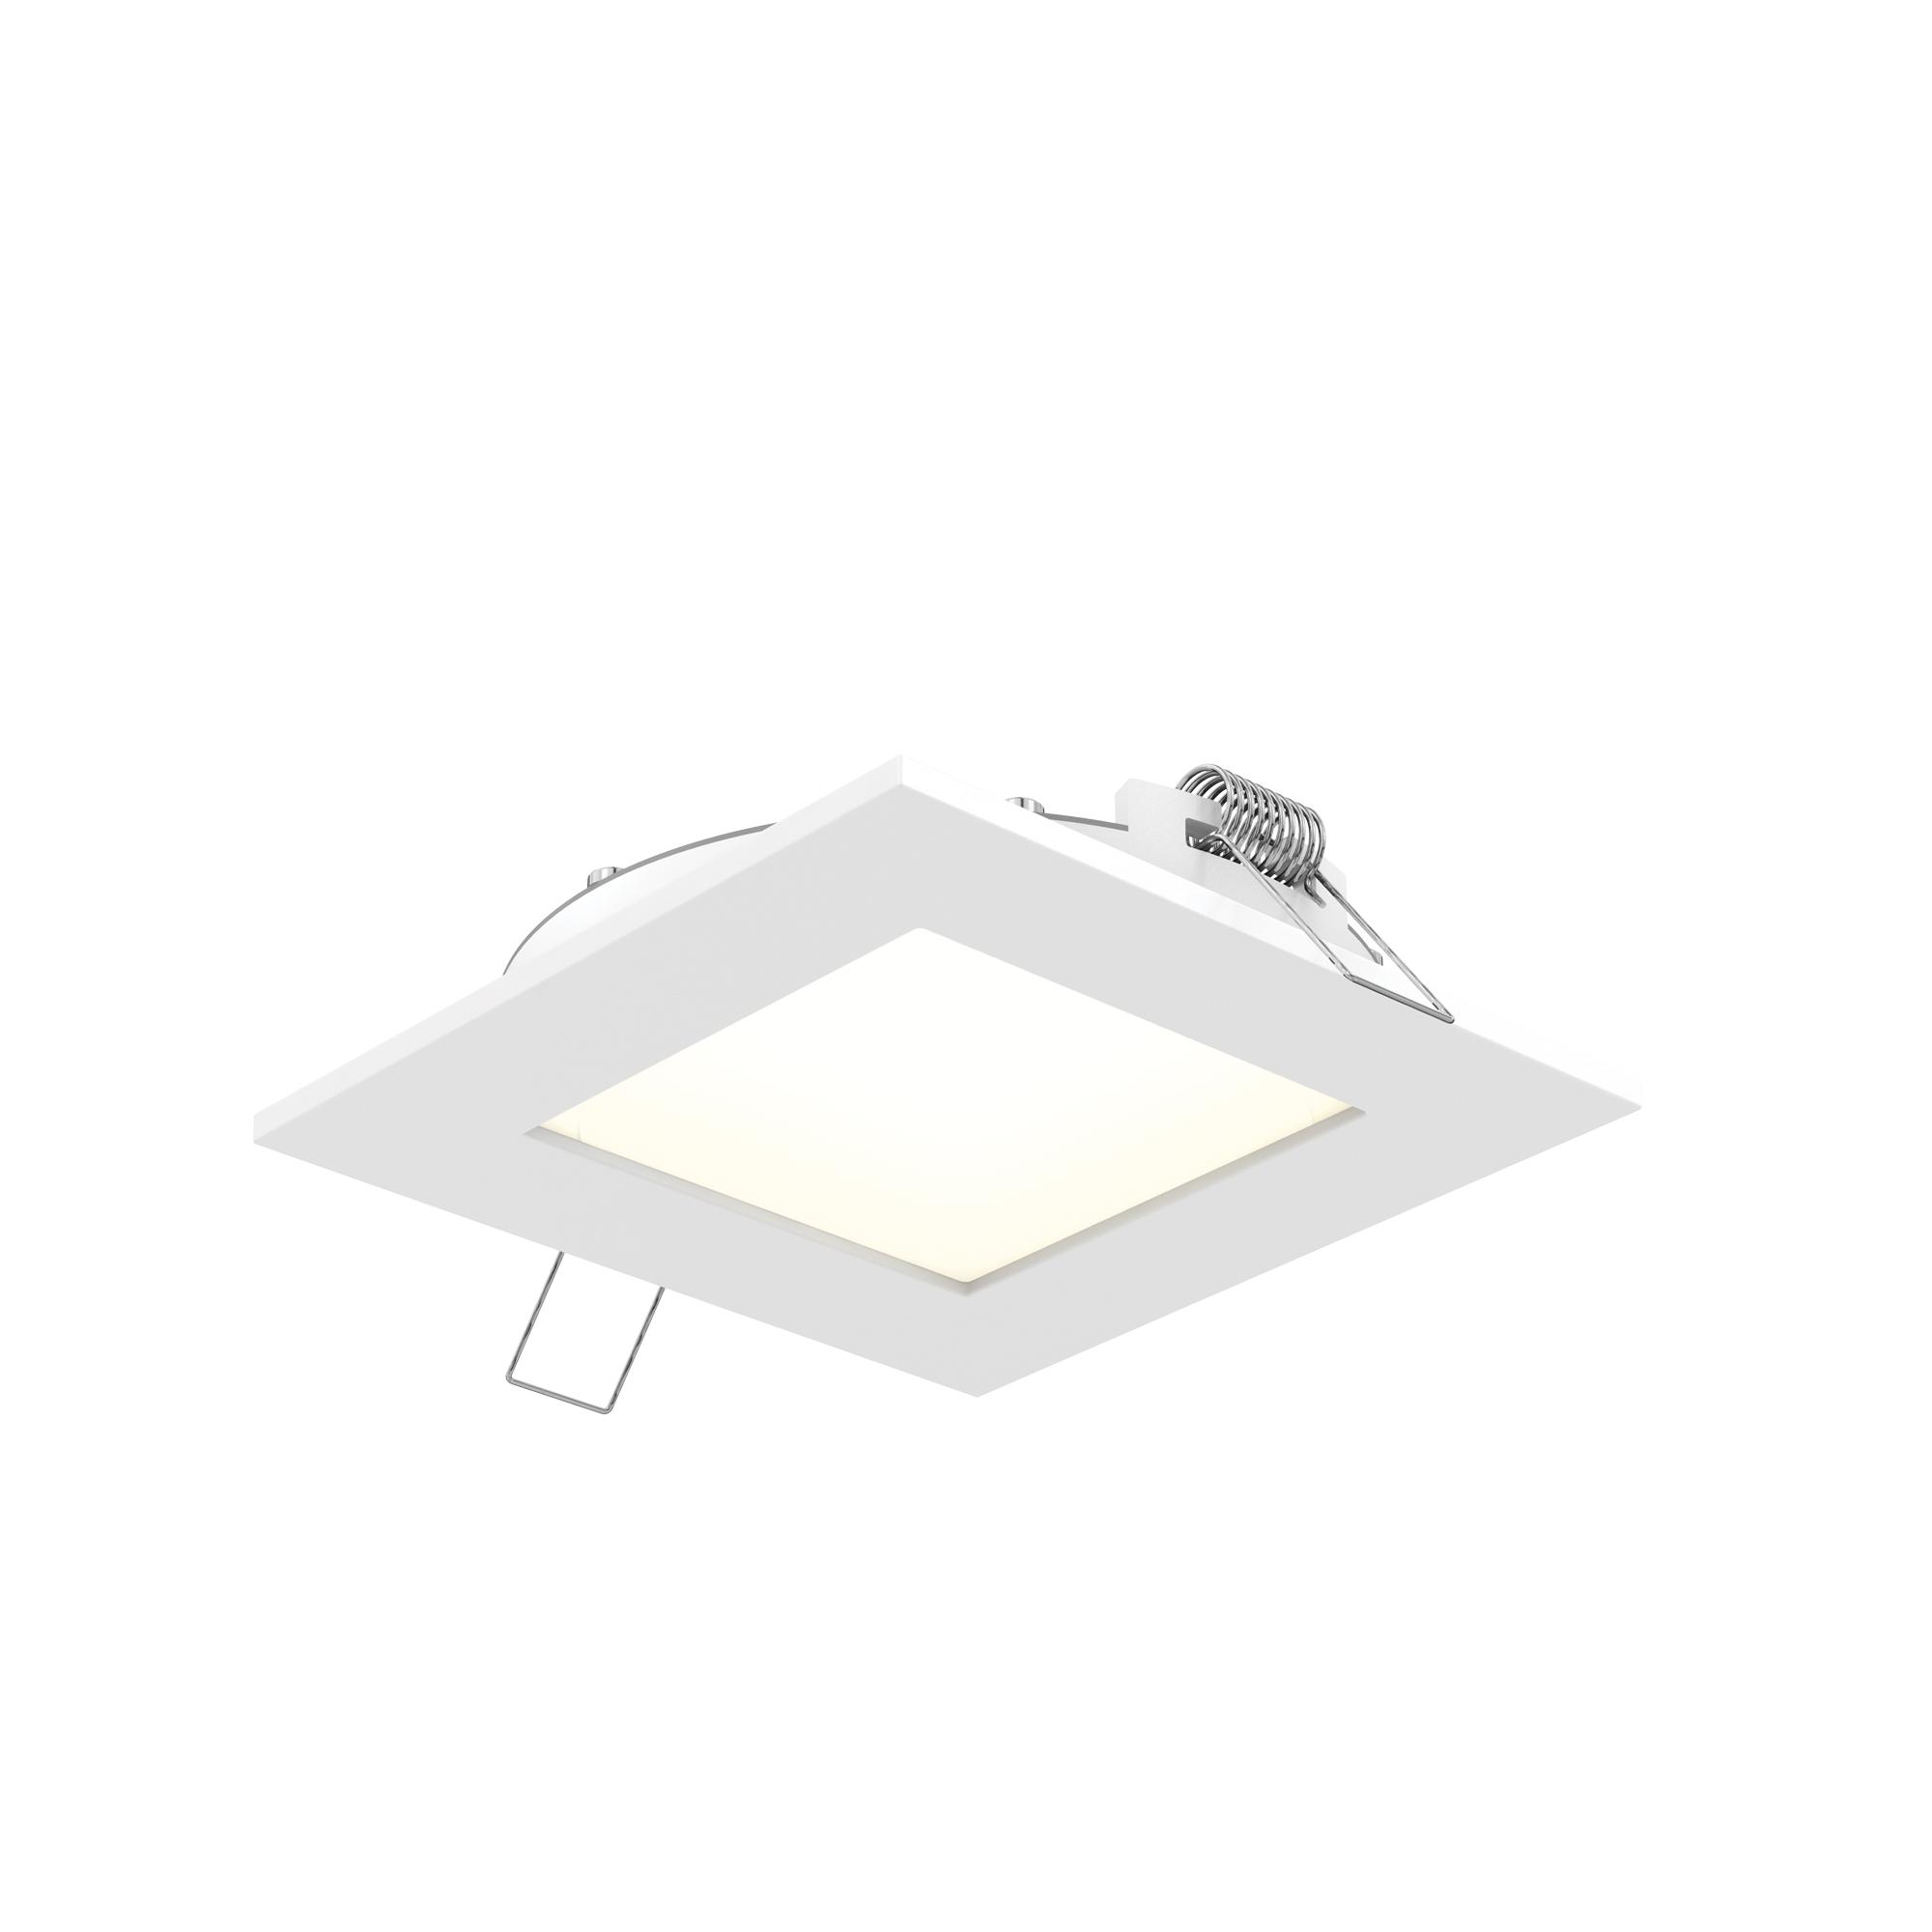 7006-SQ - 3000K square LED panel light